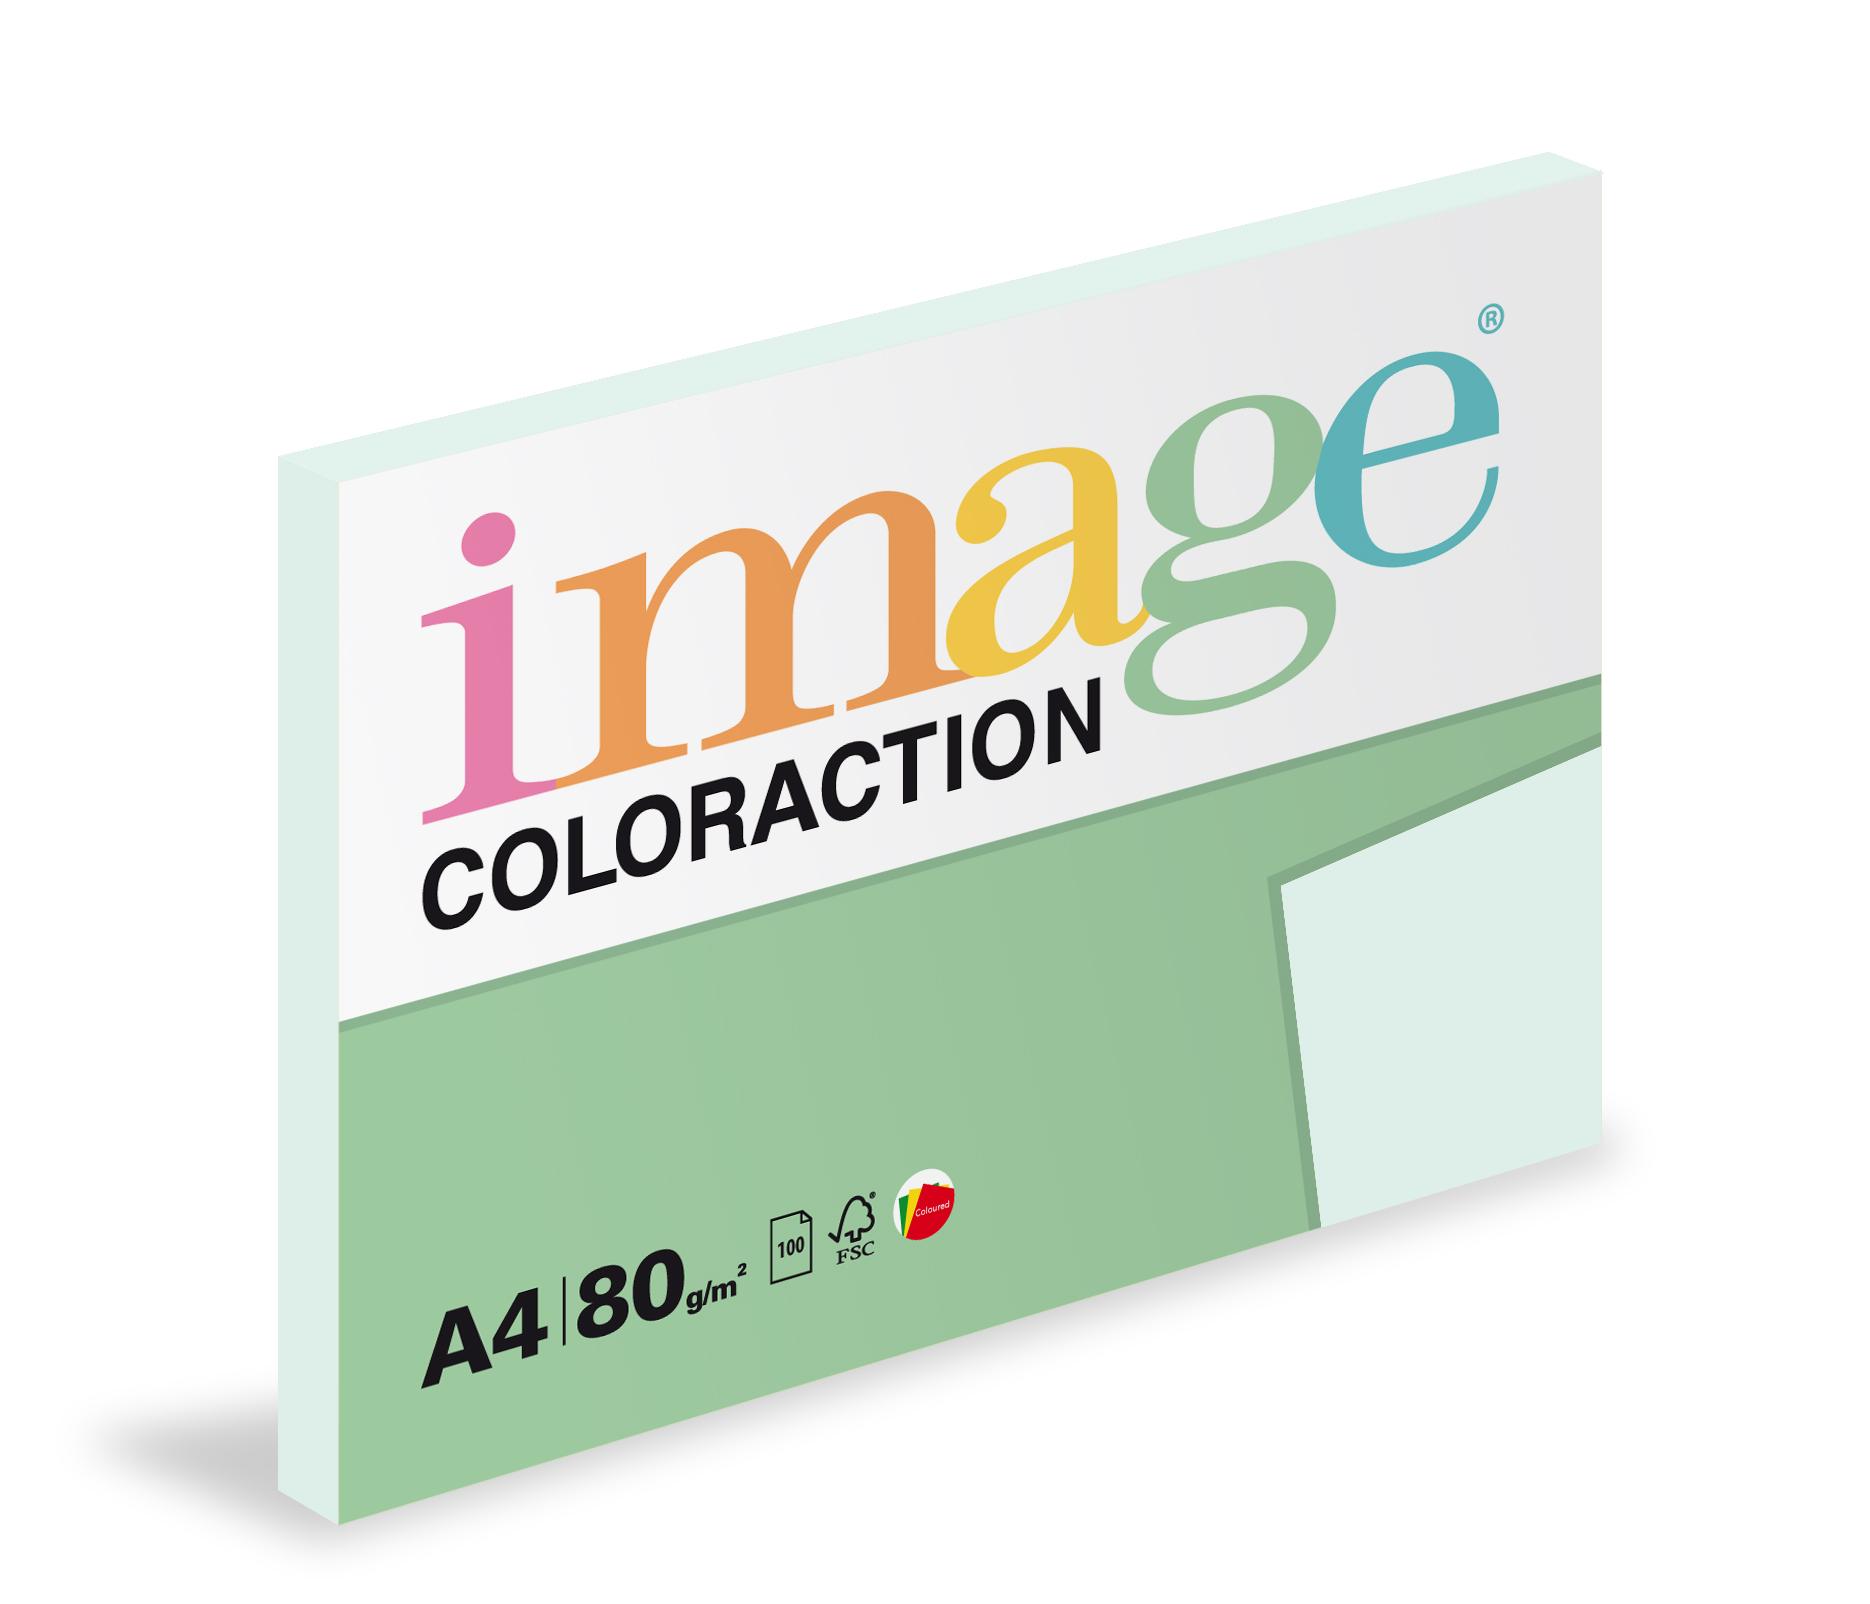 Xerografický papír barevný Coloraction 100 listů - BL29 lagoon / pastelově světle modrá / 100 listů